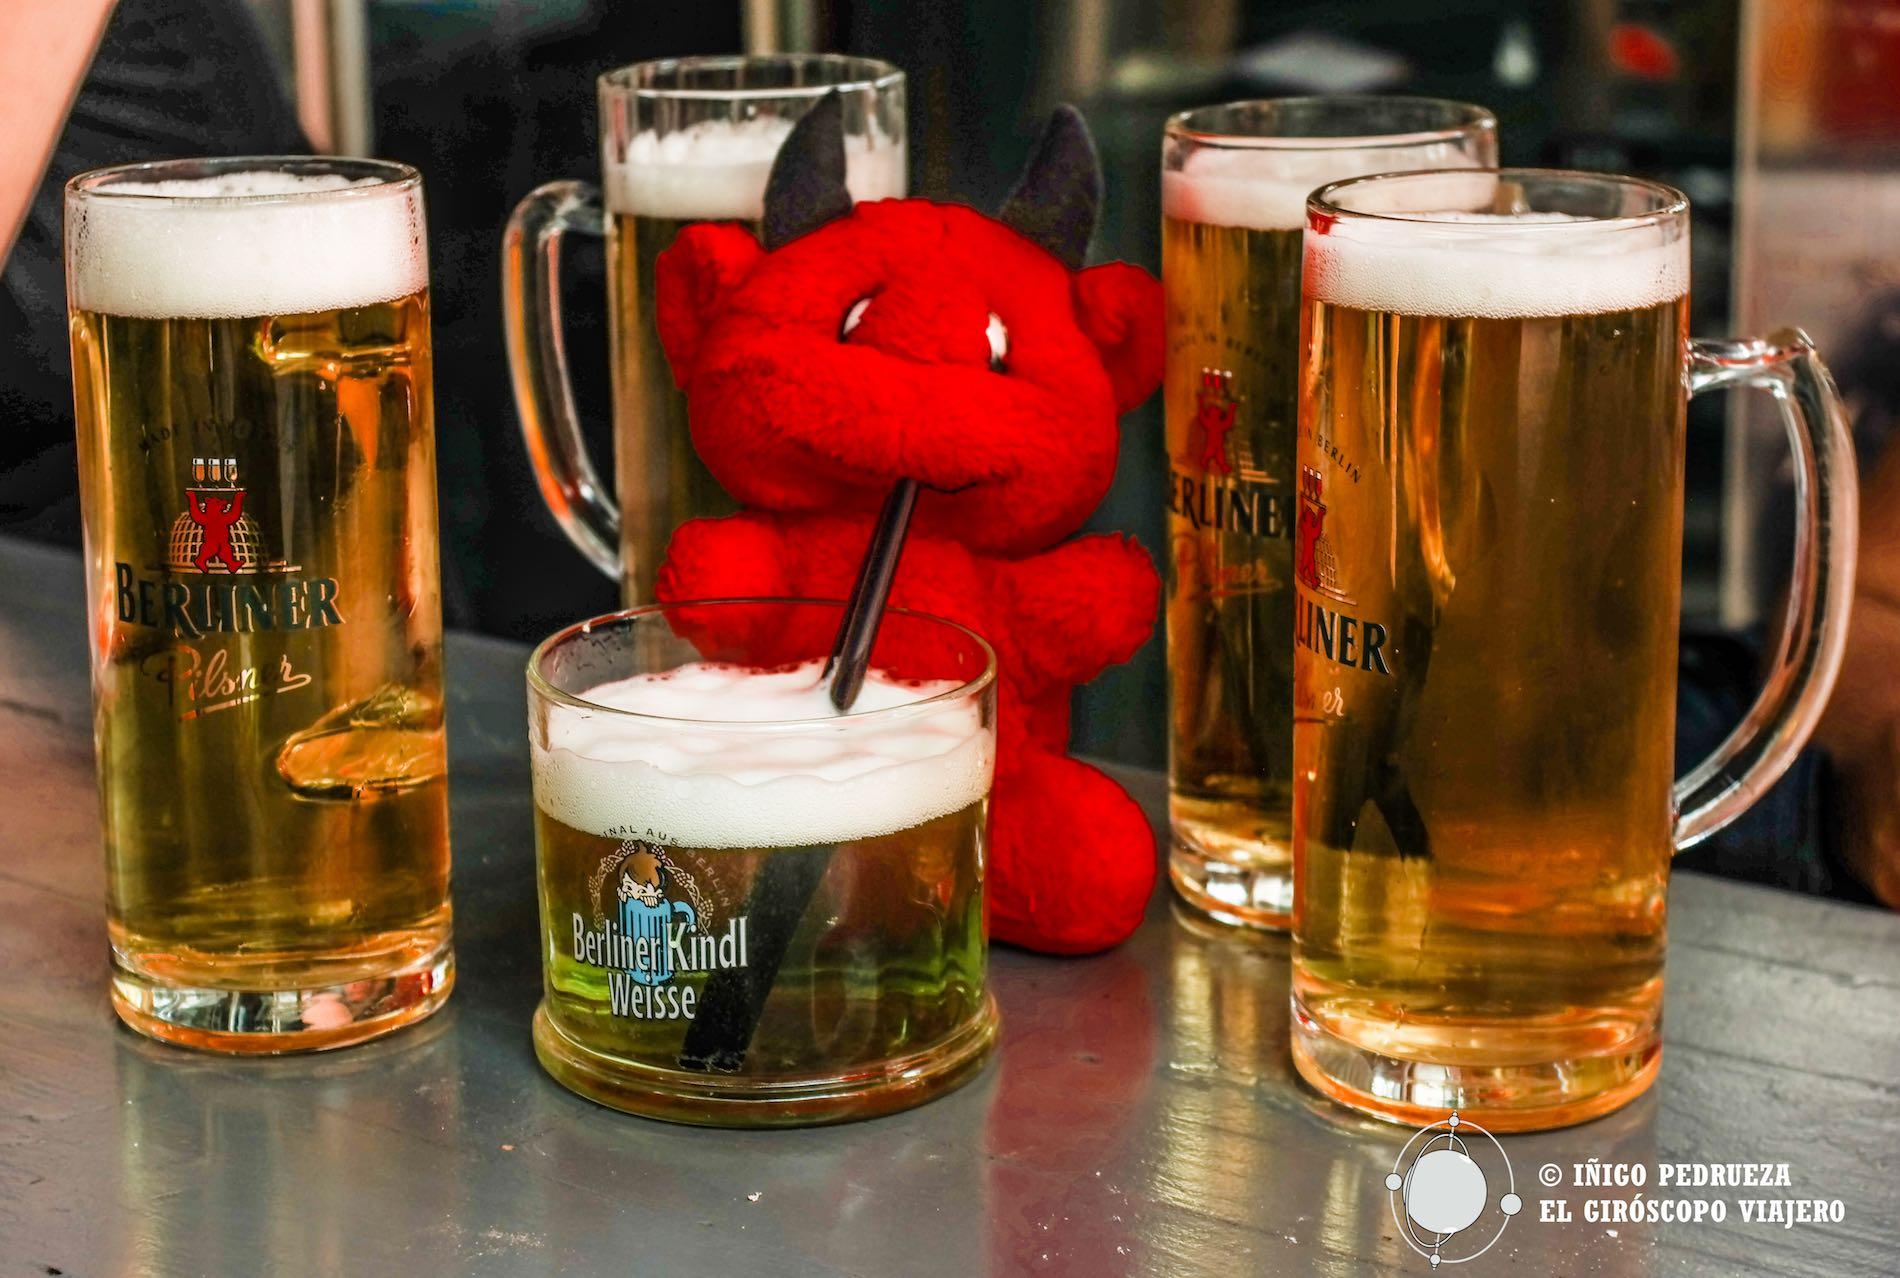 Cervezas berlinesas y la curiosa poción verde Berliner weisser. ©Iñígo Pedrueza.